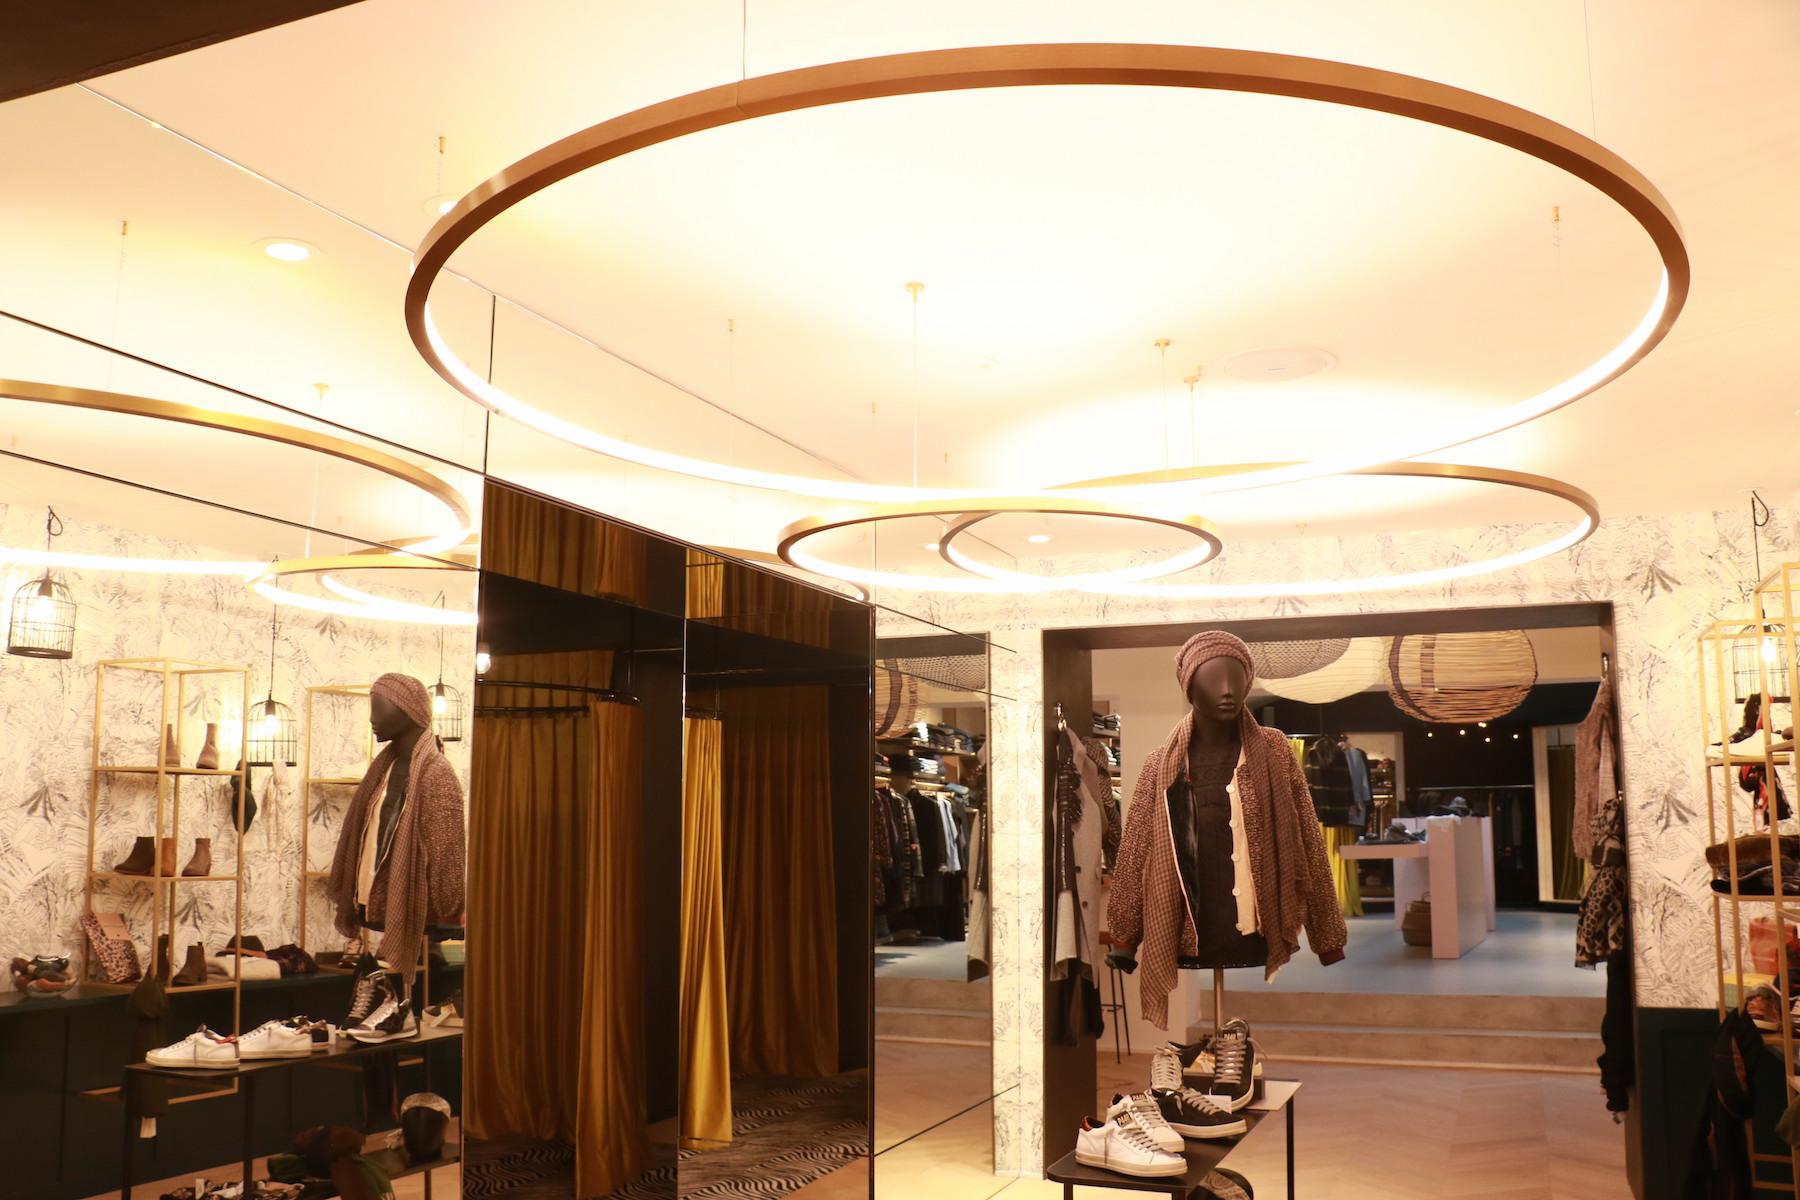 agencements int rieurs ext rieurs d 39 un magasin st jean de luz 64 darrieumerlou. Black Bedroom Furniture Sets. Home Design Ideas